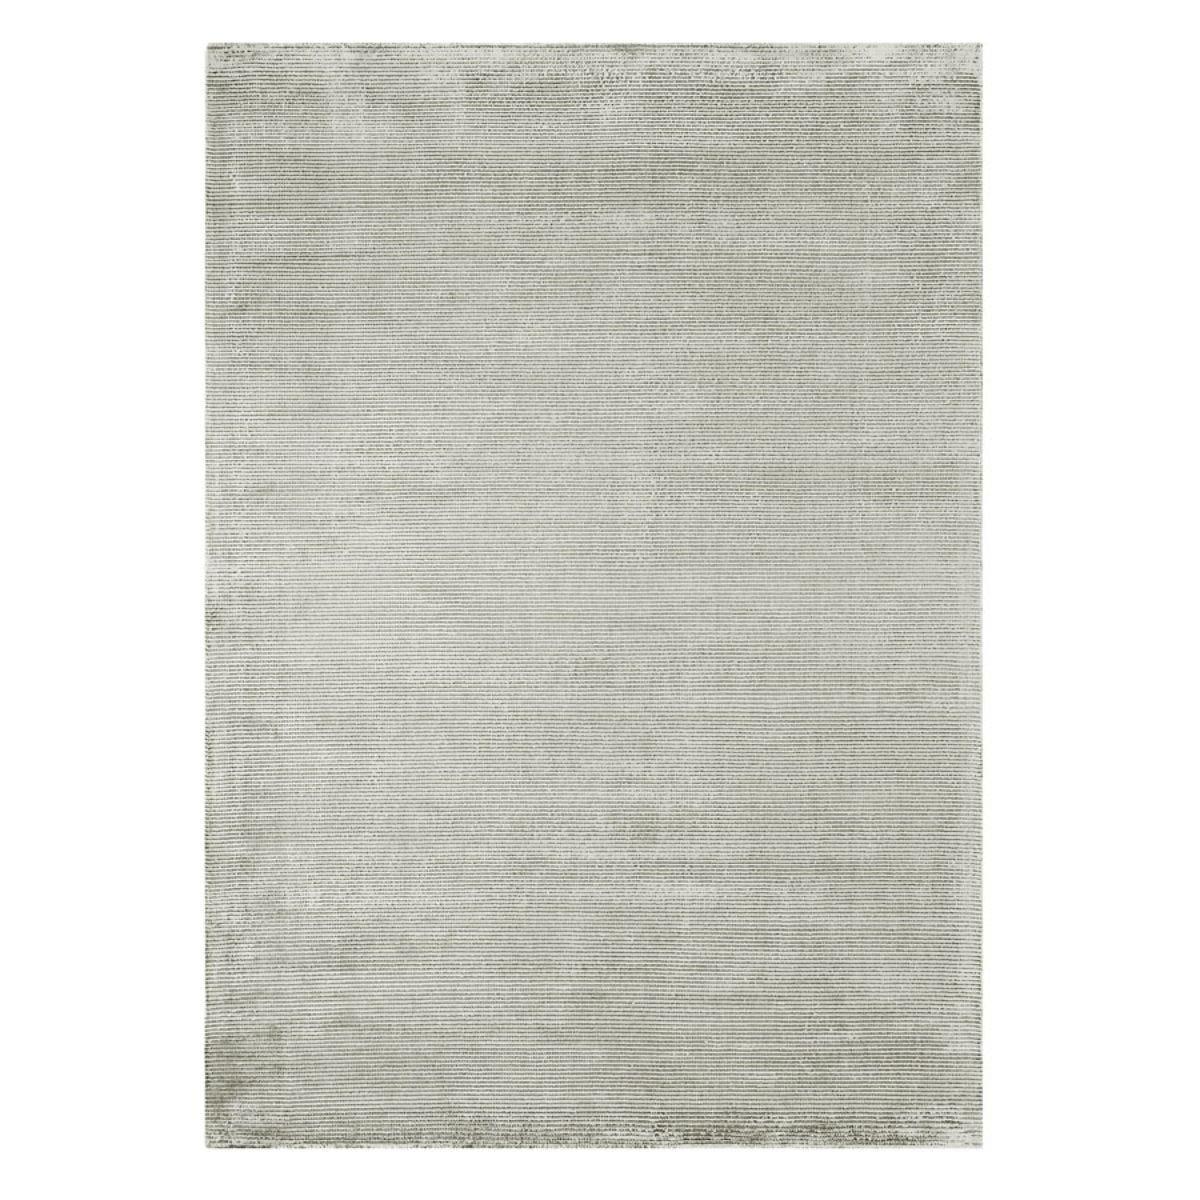 Asiatic Reko Rug, 120 x 170cm - French Grey